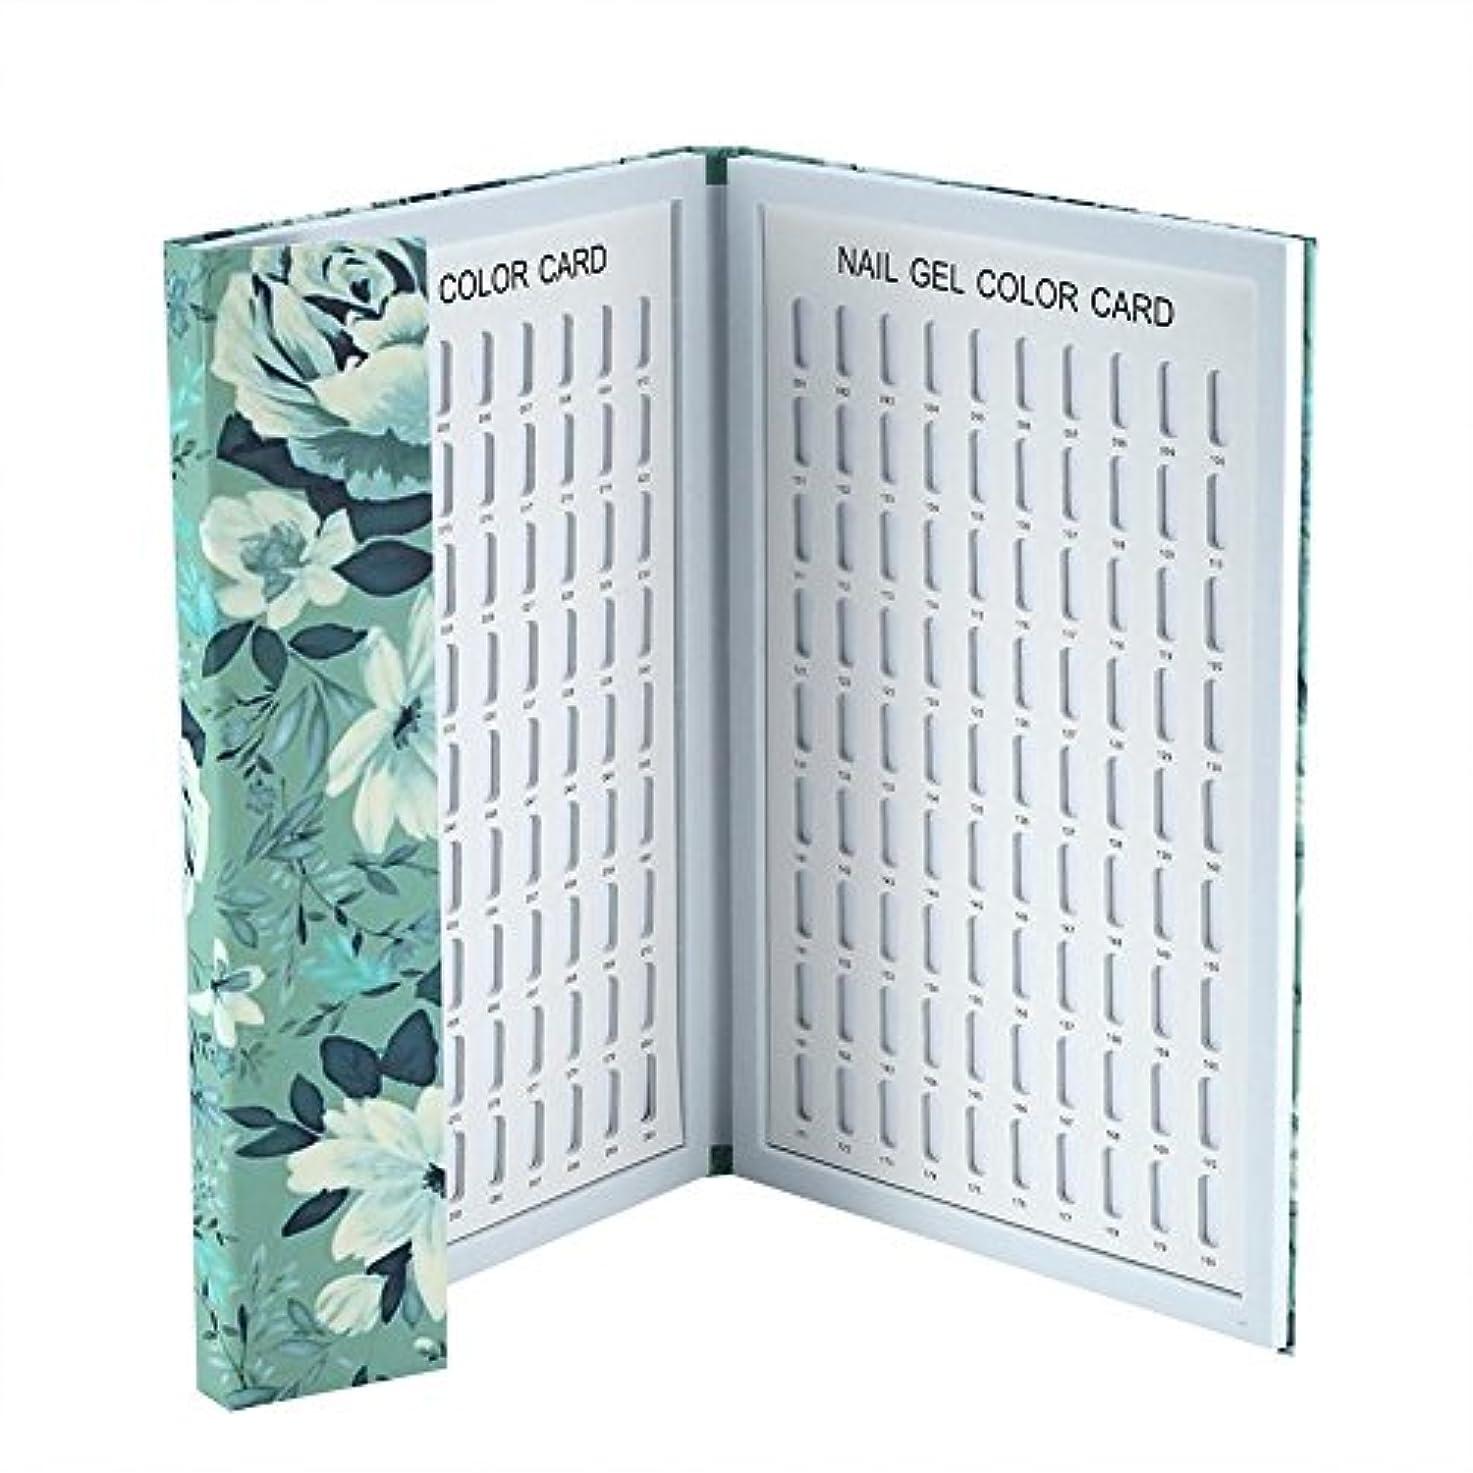 こんにちはティーム虚栄心カラーチャート ネイル - Delaman ネイル 色見本、ブック型、180色、カラーガイド、ジェルネイル、サンプル帳、ネイルアート、サロン、青/緑 (Color : 緑)